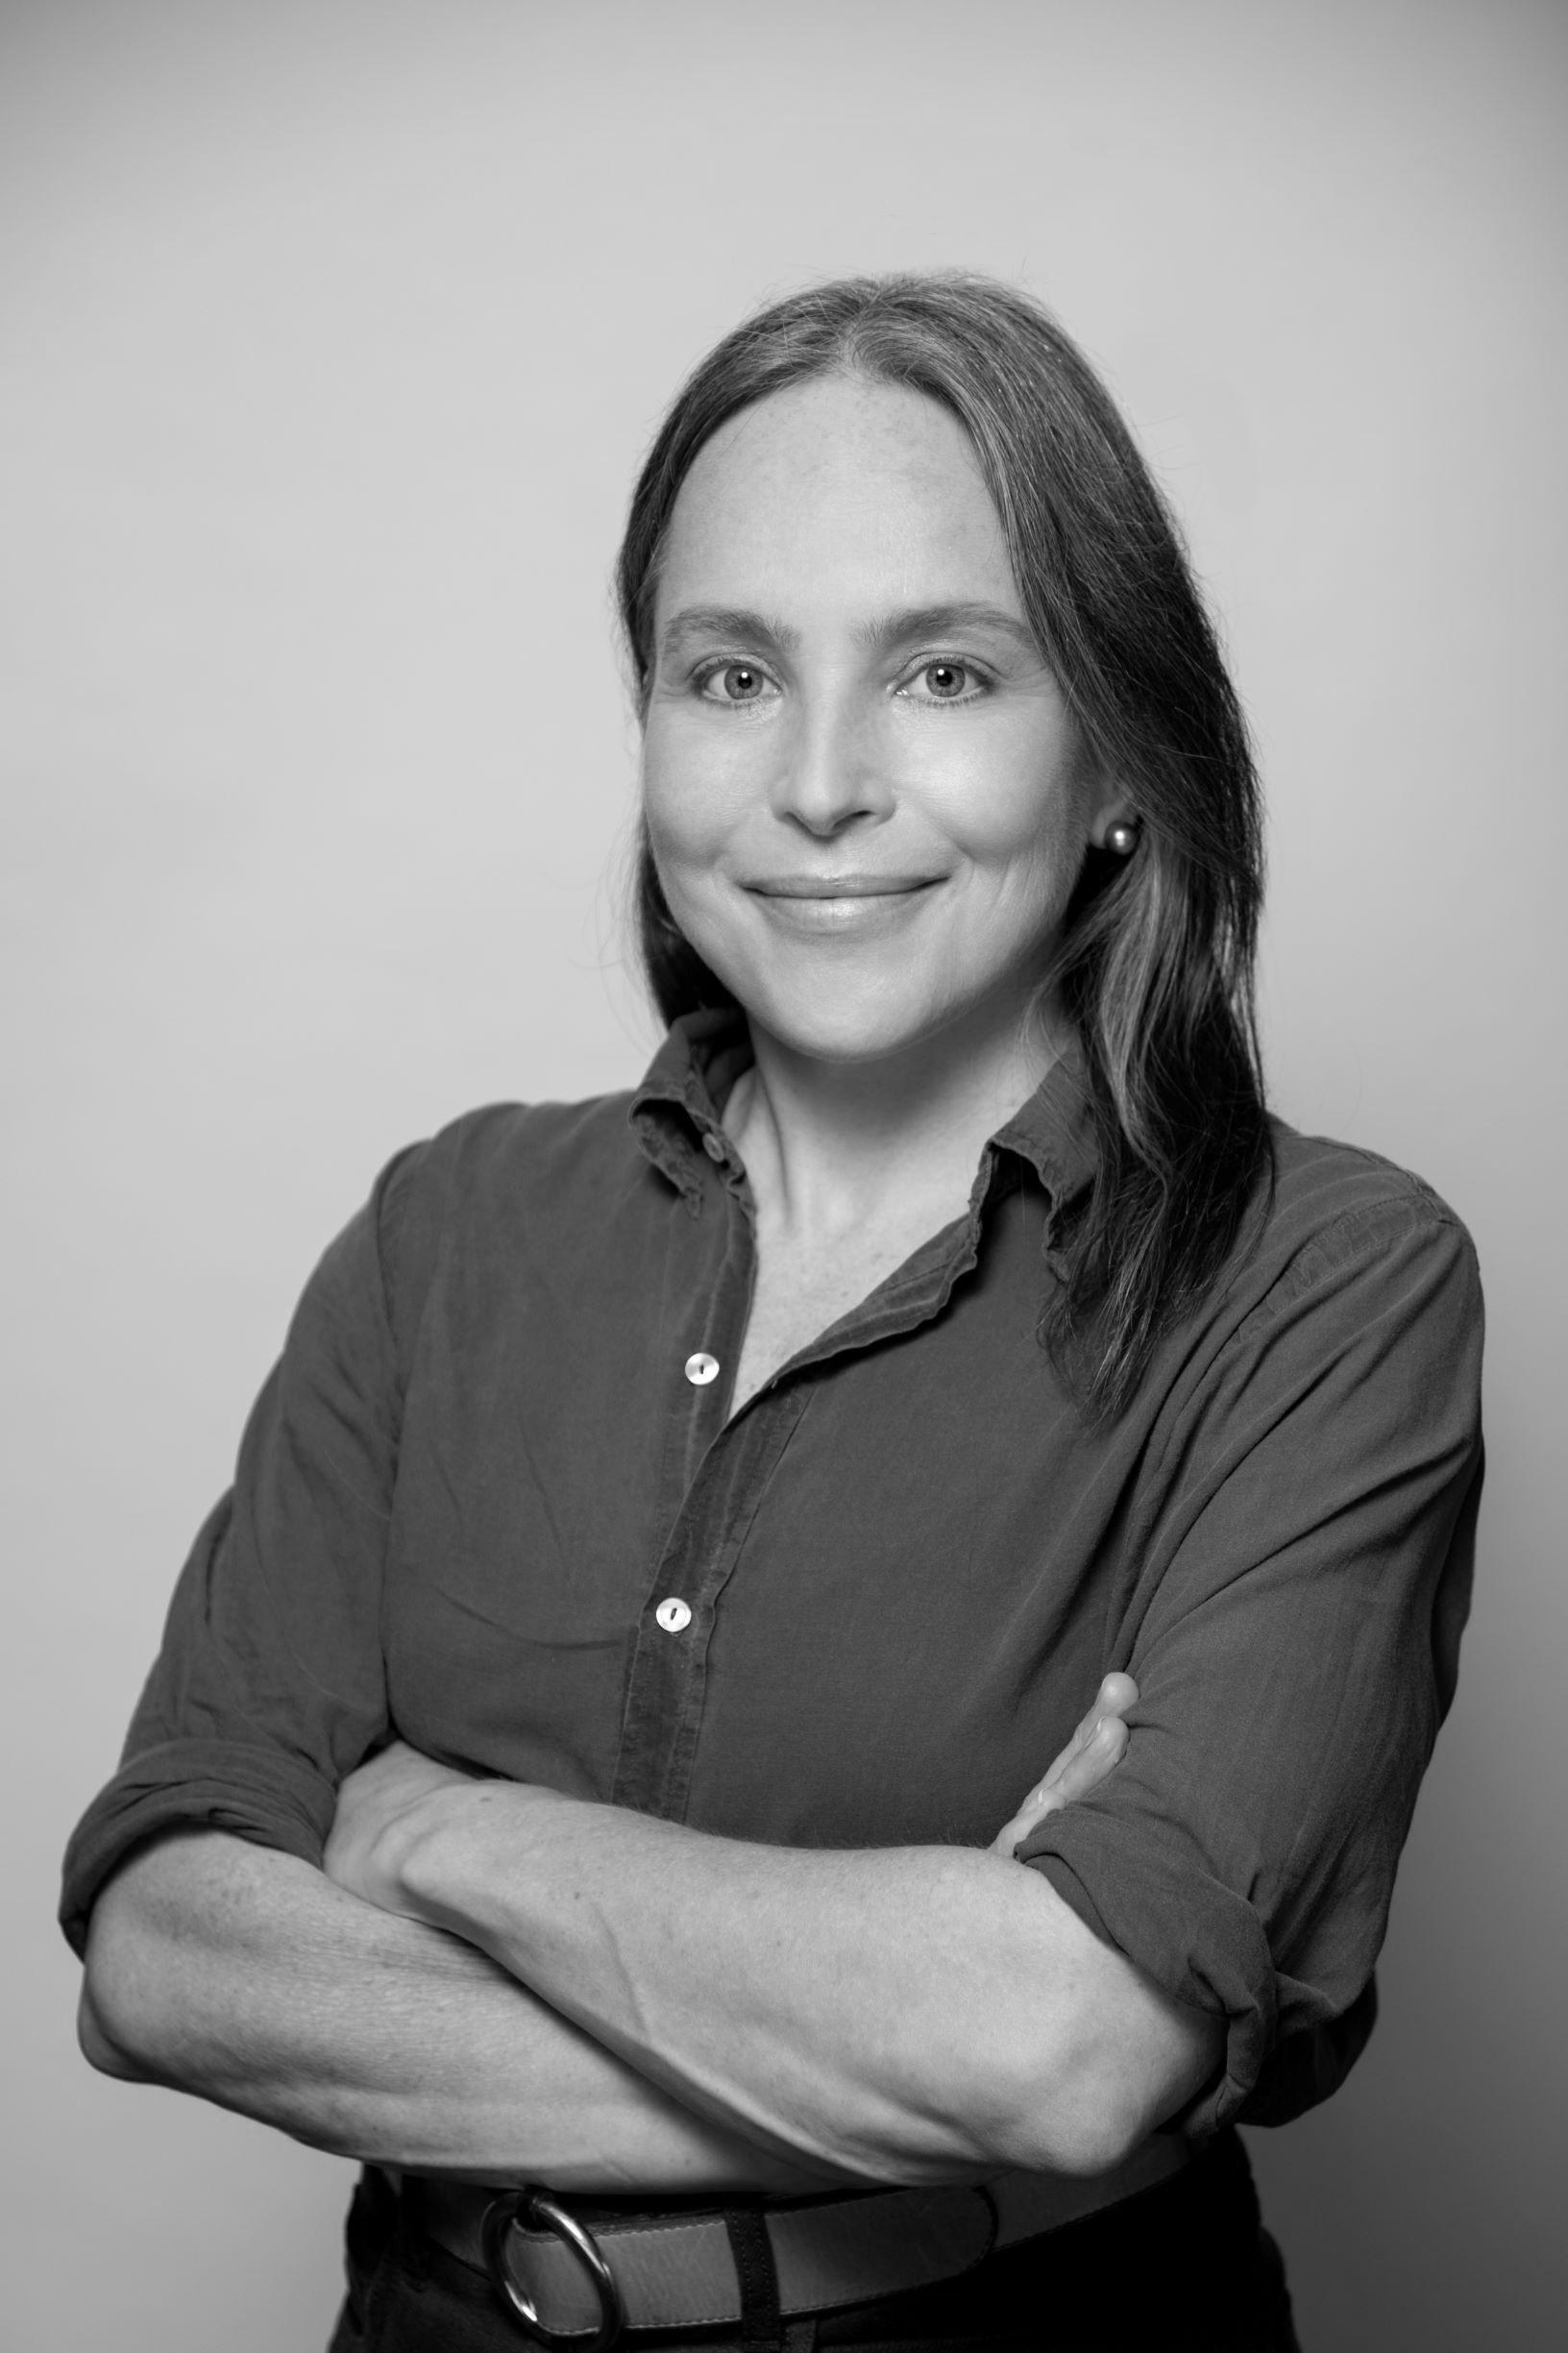 Siobhan Roberts